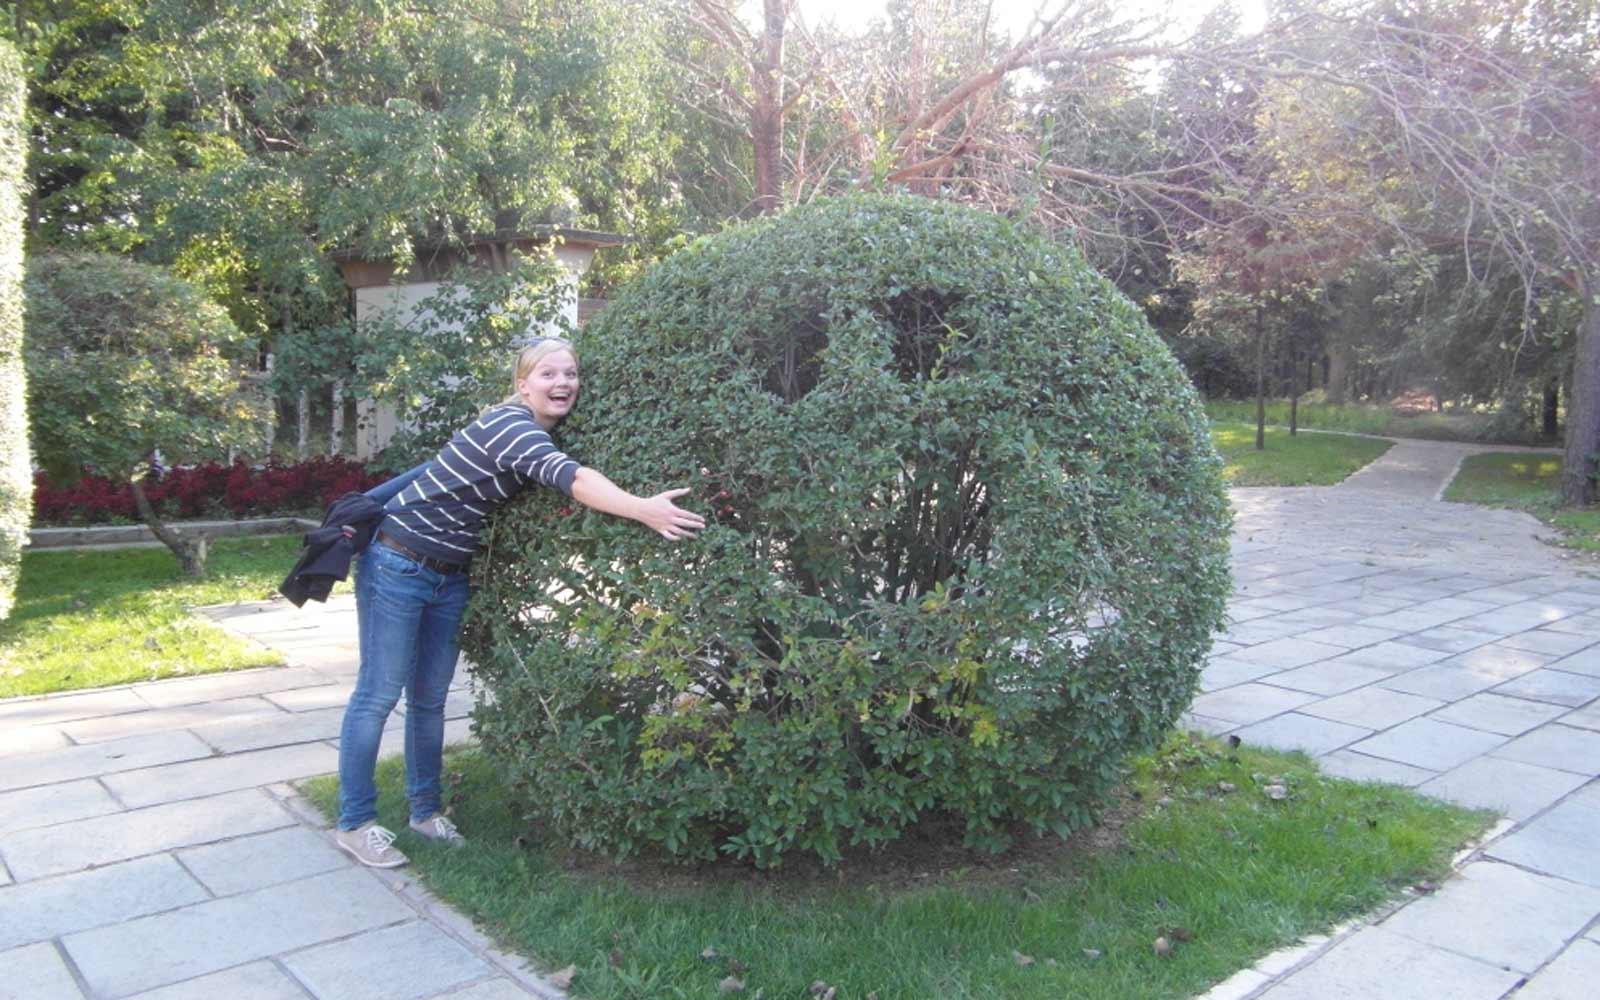 Hanna umarmt einen lachenden Busch